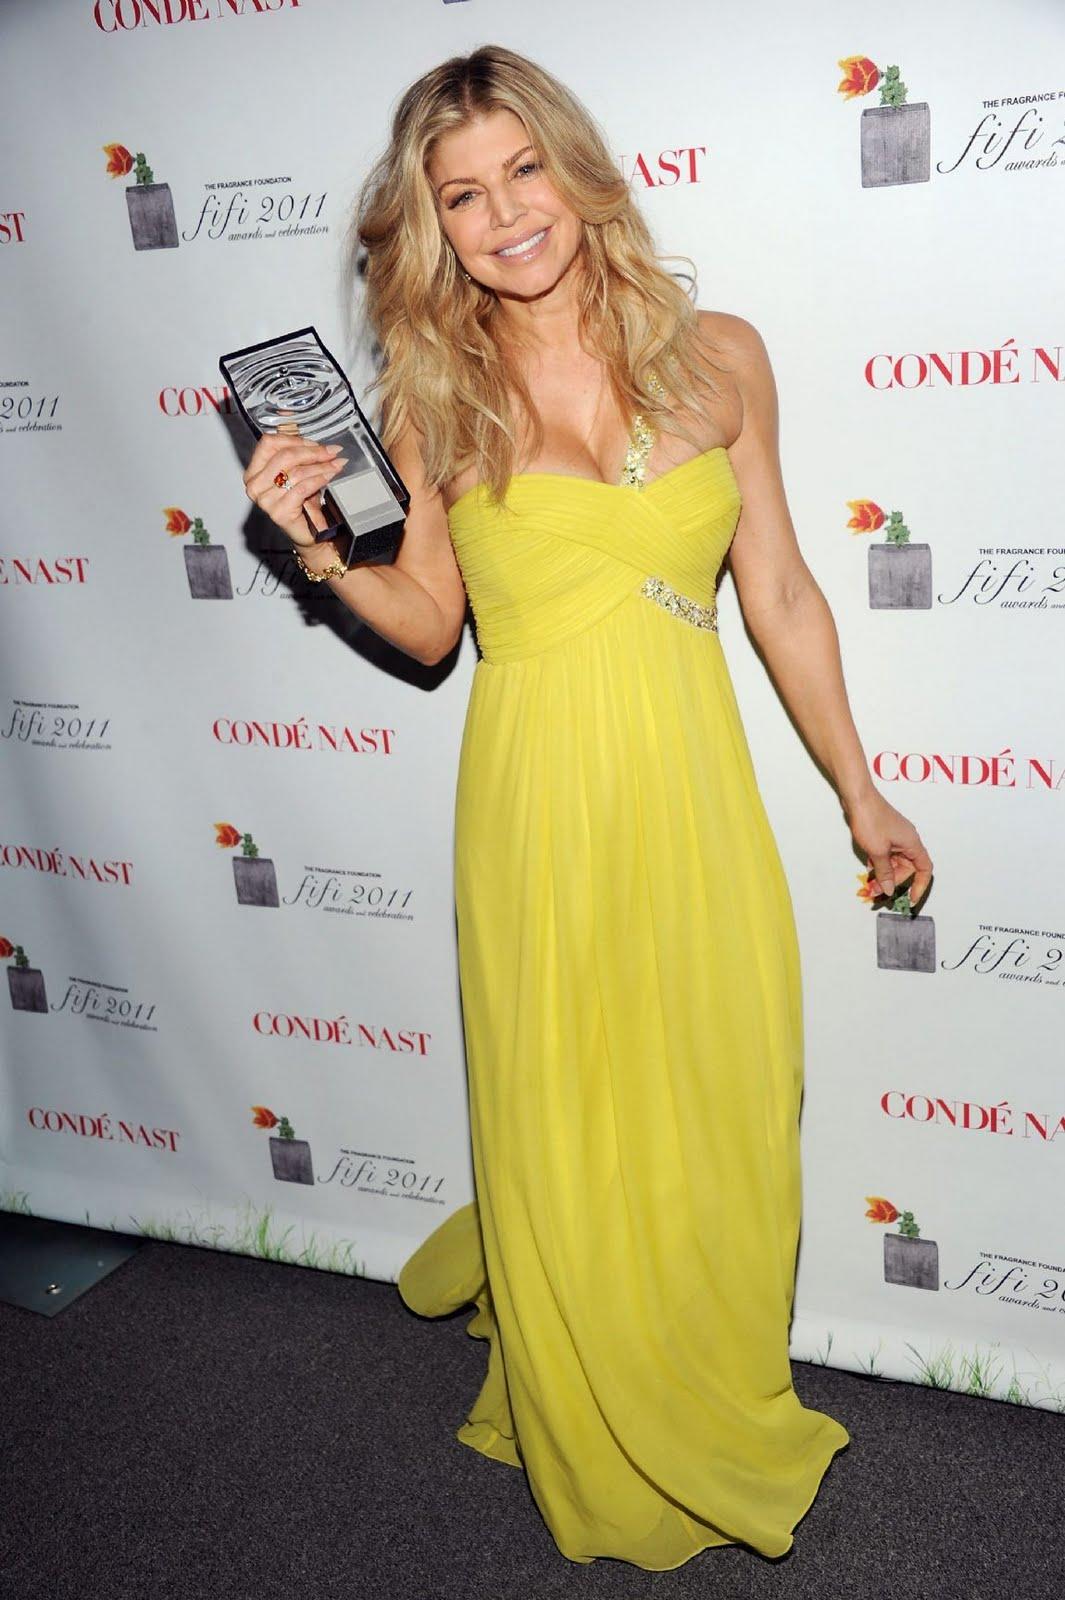 http://4.bp.blogspot.com/-PLGHg_ujE_8/TepN75DVZXI/AAAAAAAAKjQ/ApS-6L4asj4/s1600/fergie-honored-2011-fifi-awards-ceremony+%25282%2529.jpg